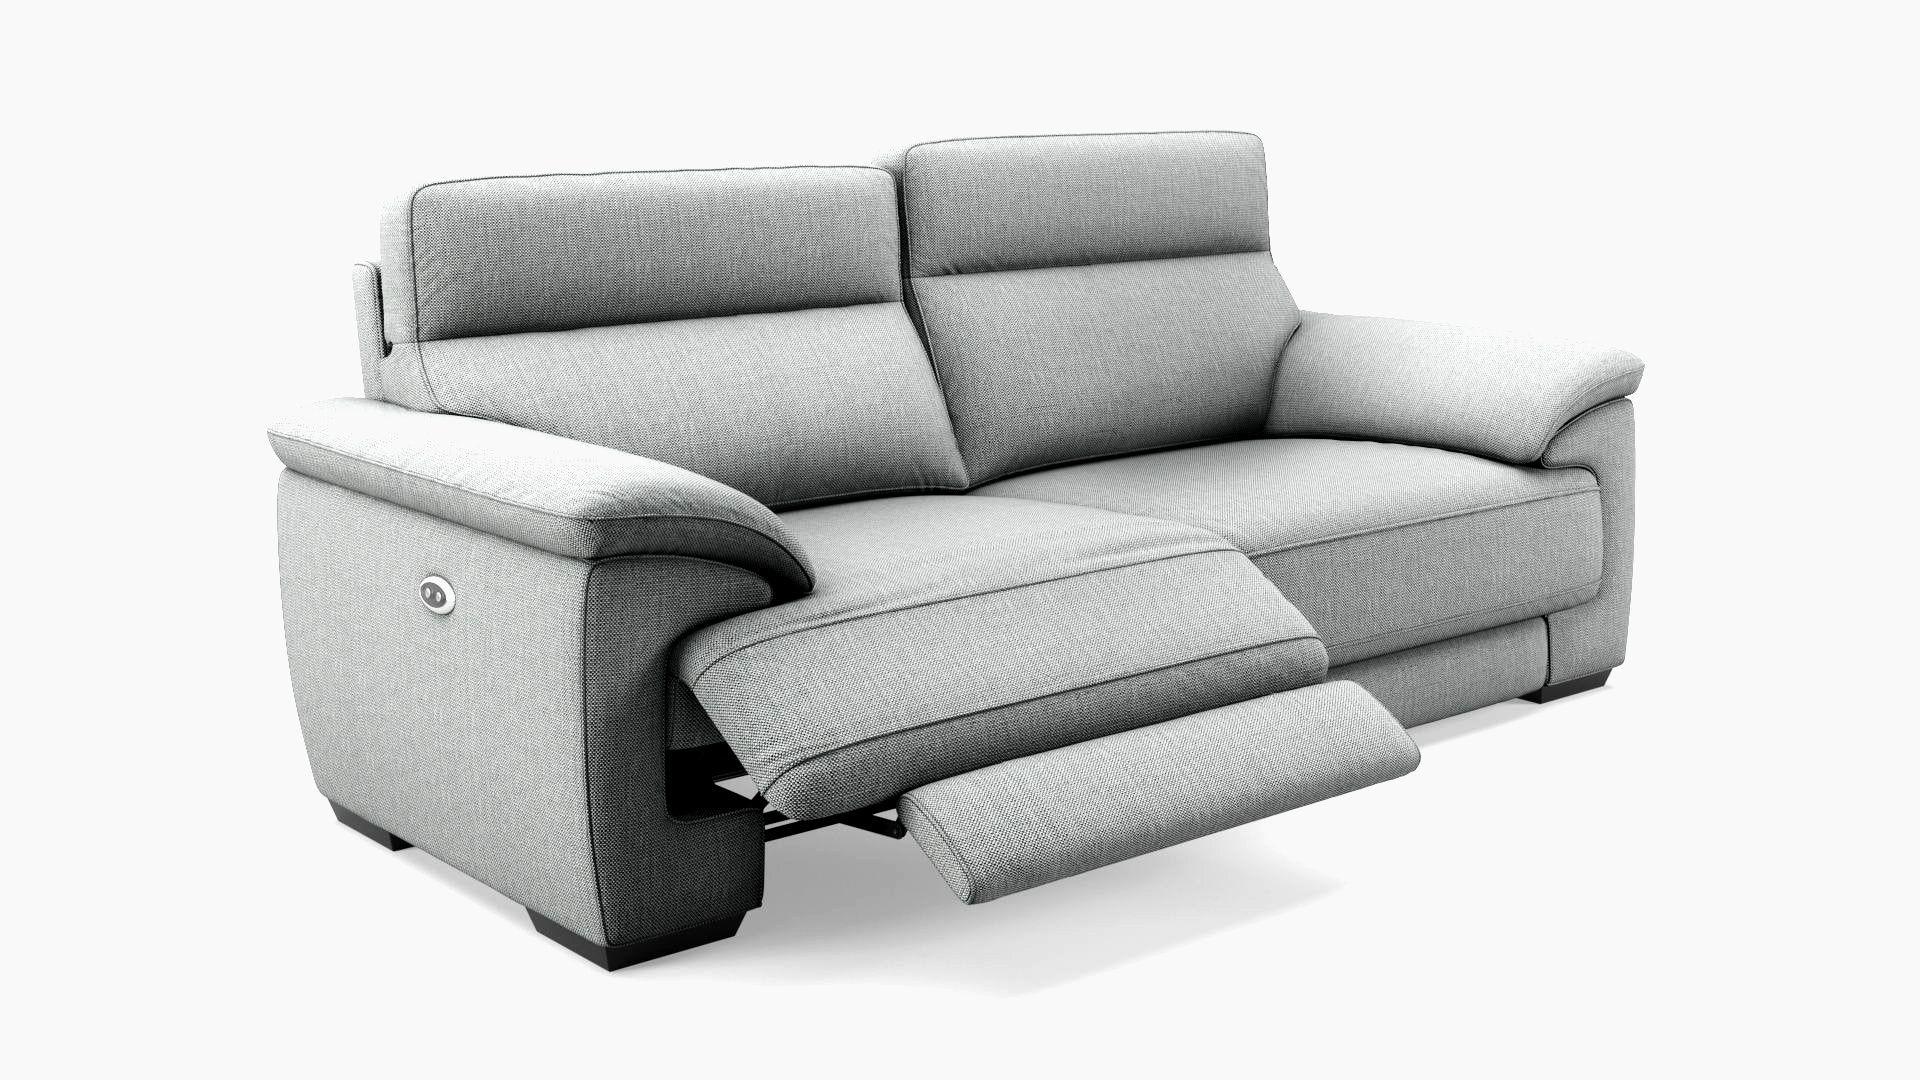 Full Size of Sofa Mit Verstellbarer Sitztiefe Elektrisch Ecksofa Big Verstellbare Relaxfunktion Recamiere 2 Sitzer Flexform Bett 160x200 Lattenrost Fenster Eingebauten Sofa Sofa Mit Verstellbarer Sitztiefe